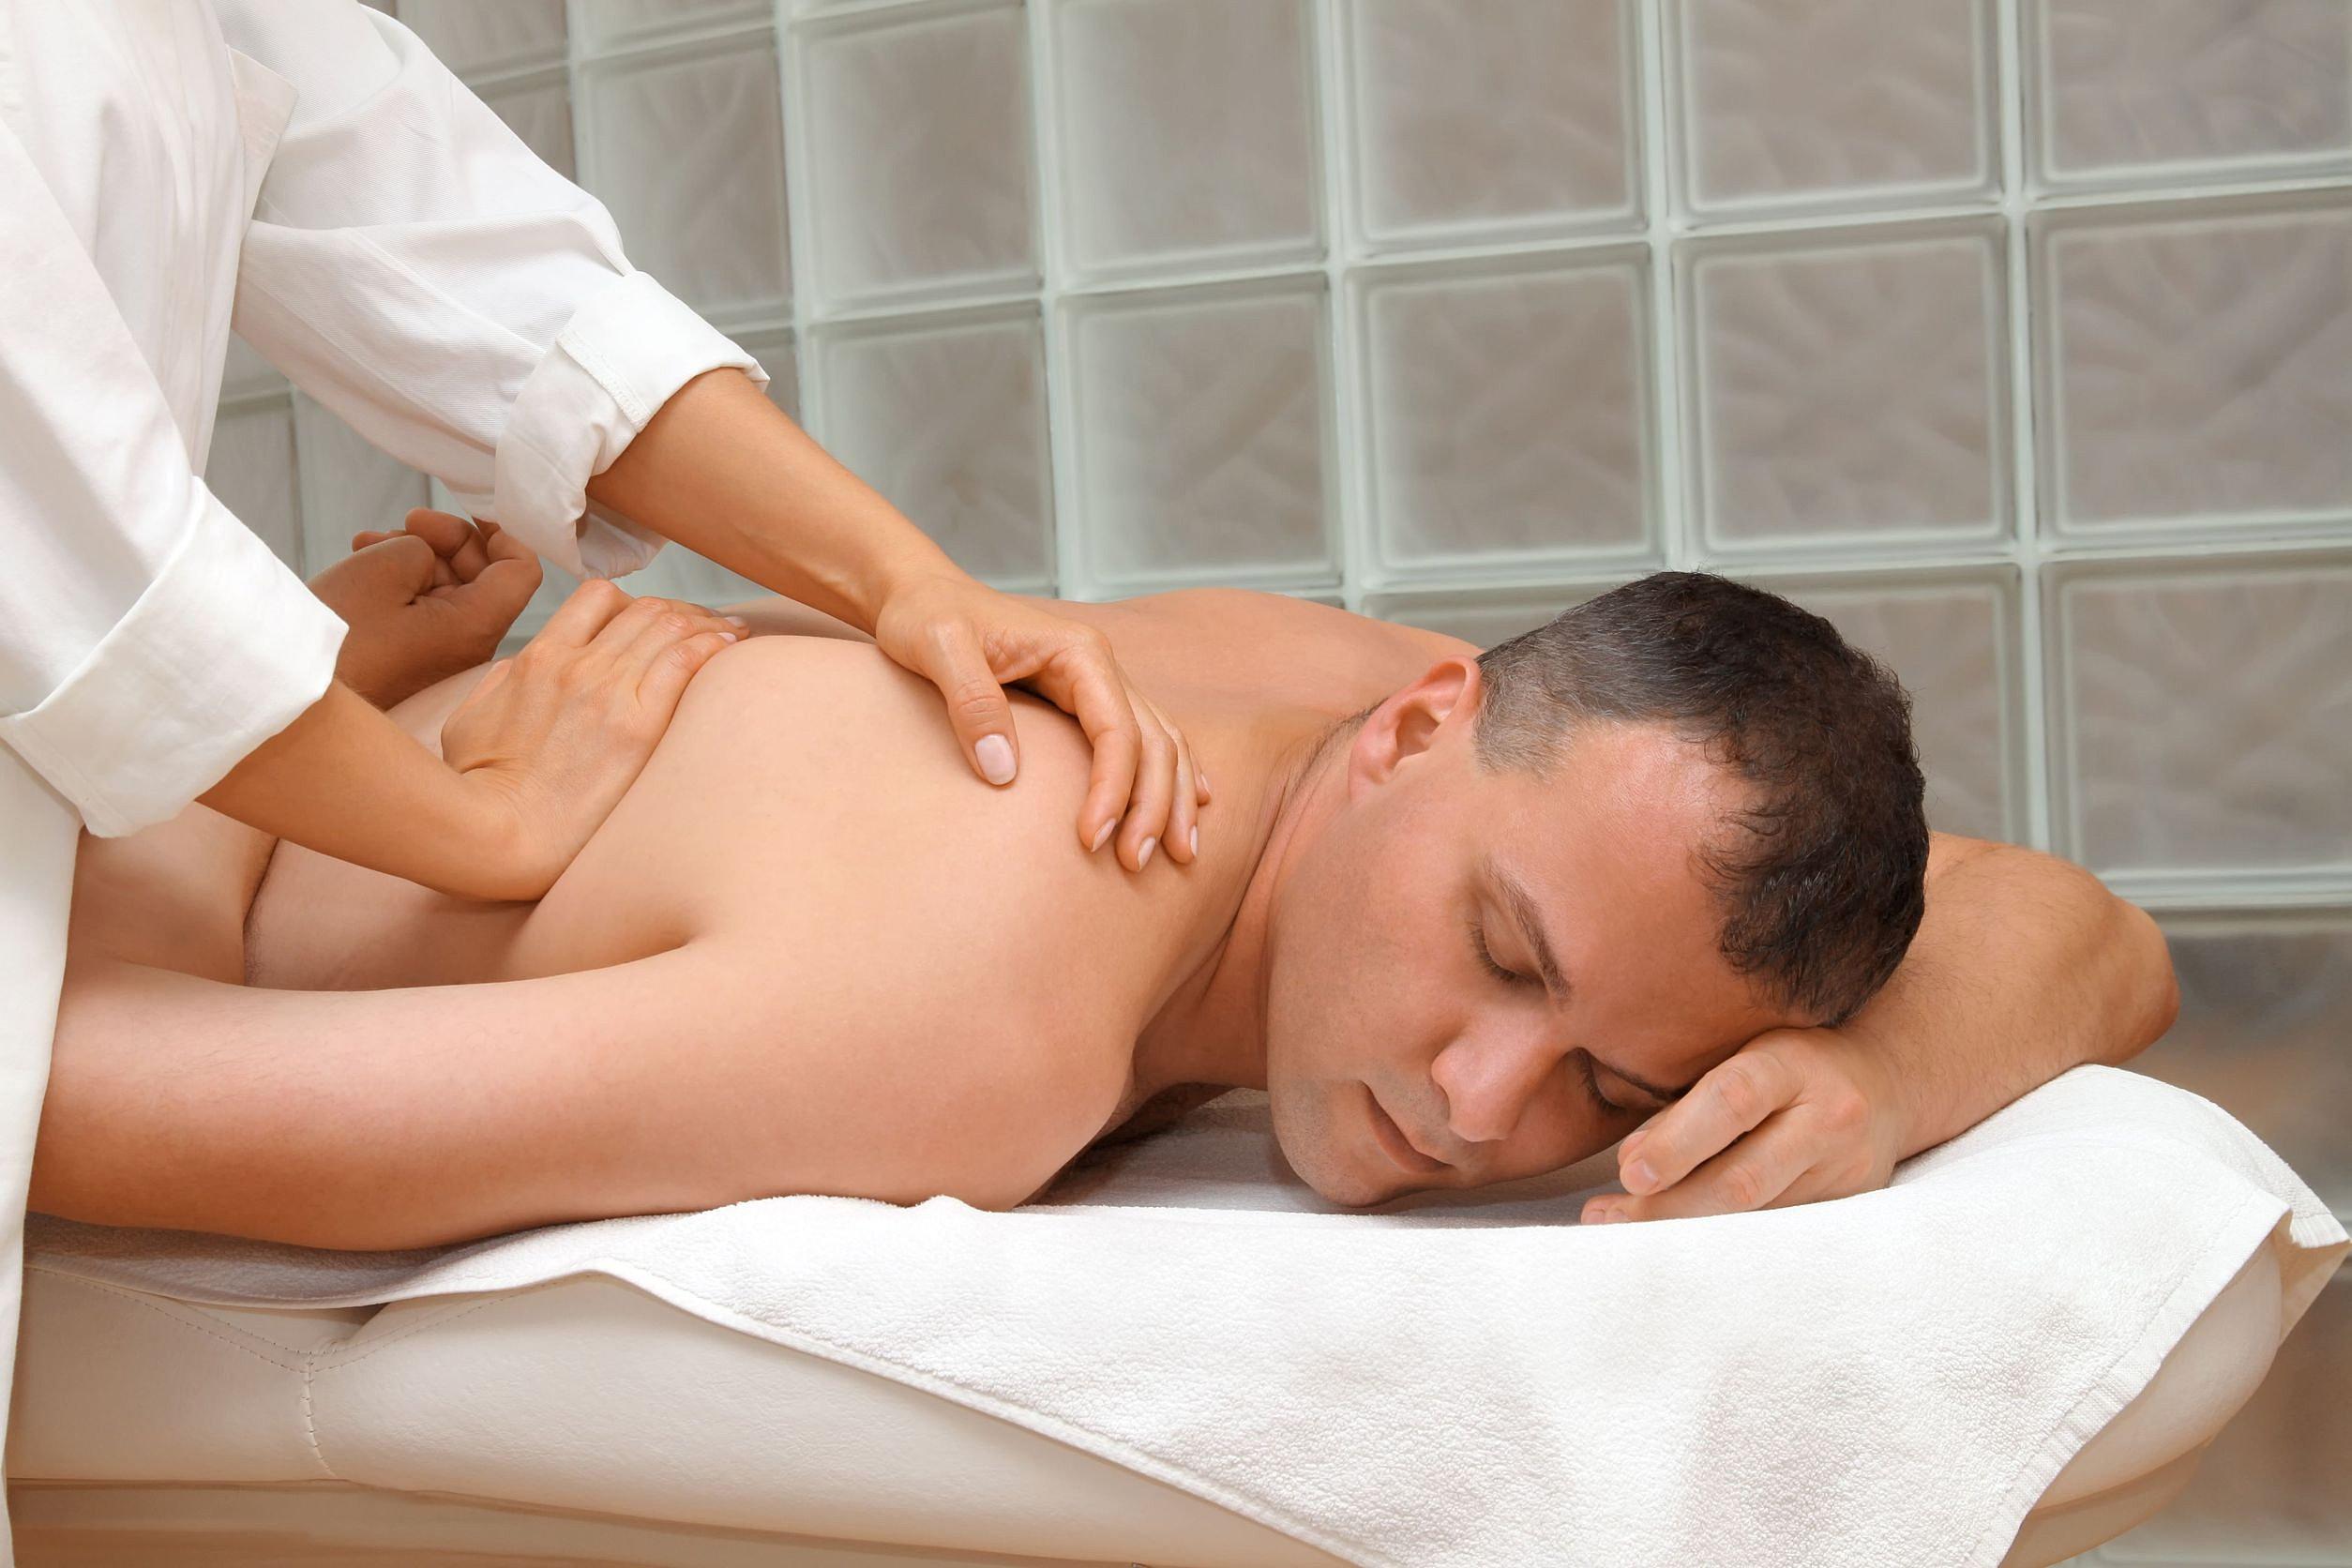 Смотреть секс на приеме у массажиста, Порно массаж с русскими девушками на 4 фотография